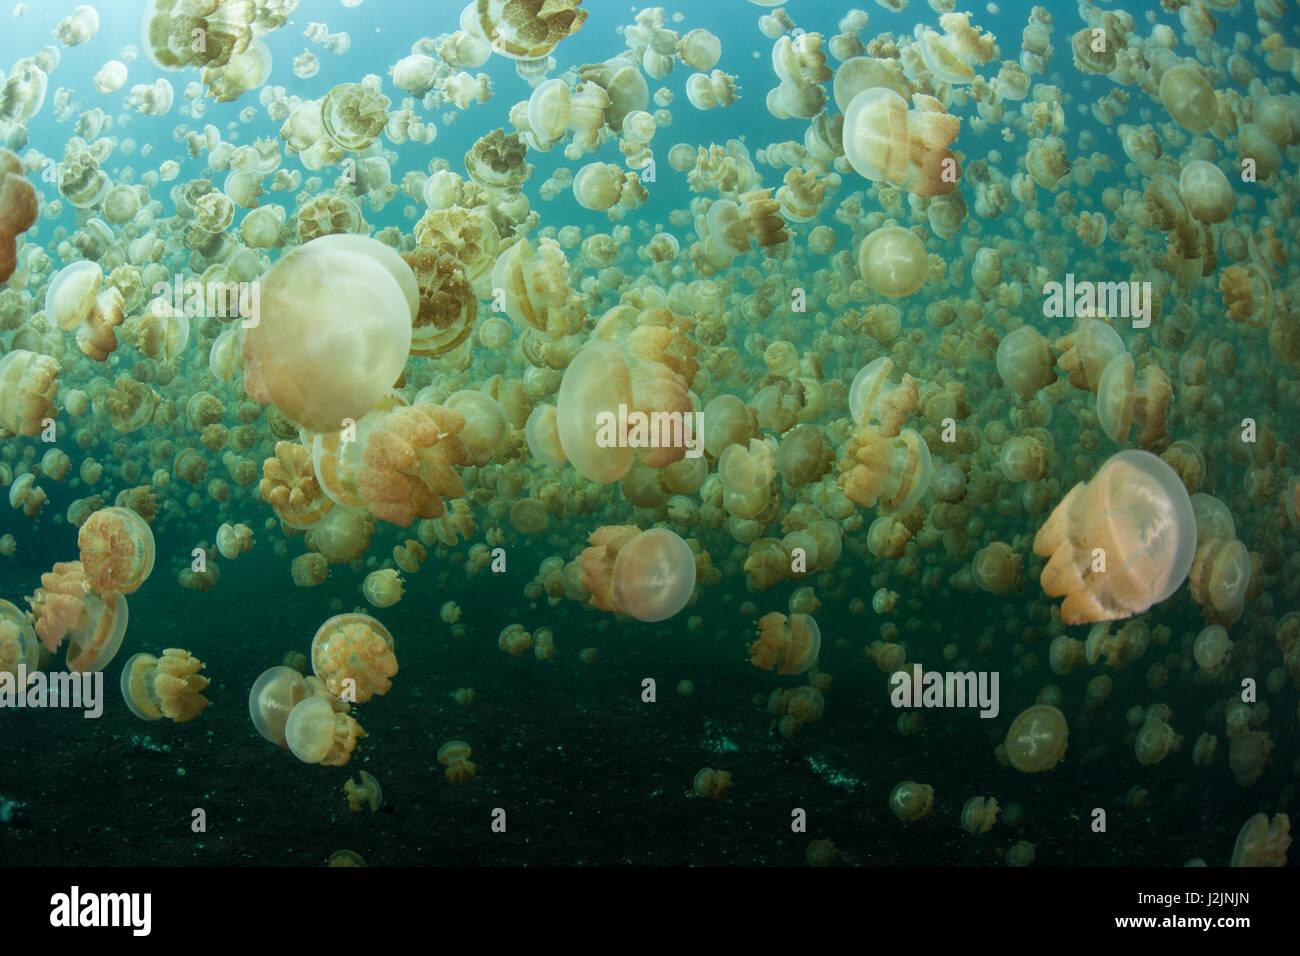 Milioni di specie endemiche medusa (Mastigias papua etpisonii) nuotare in un isolato lago marino nella Repubblica Immagini Stock